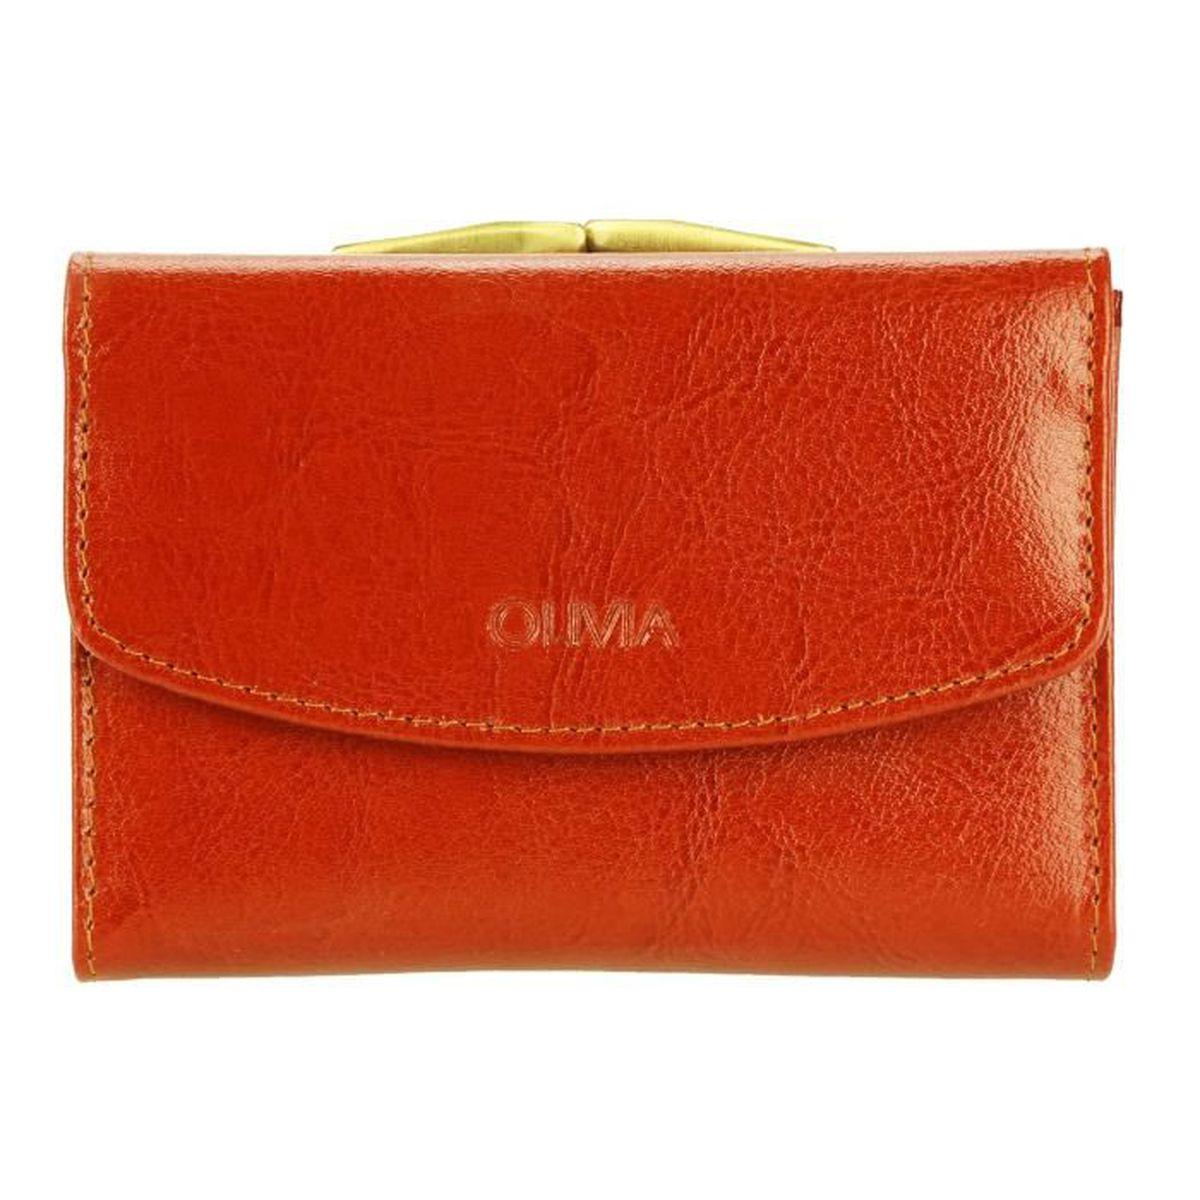 Portefeuille femme en cuir 15 cm achat vente pas cher - Porte monnaie texier femme ...